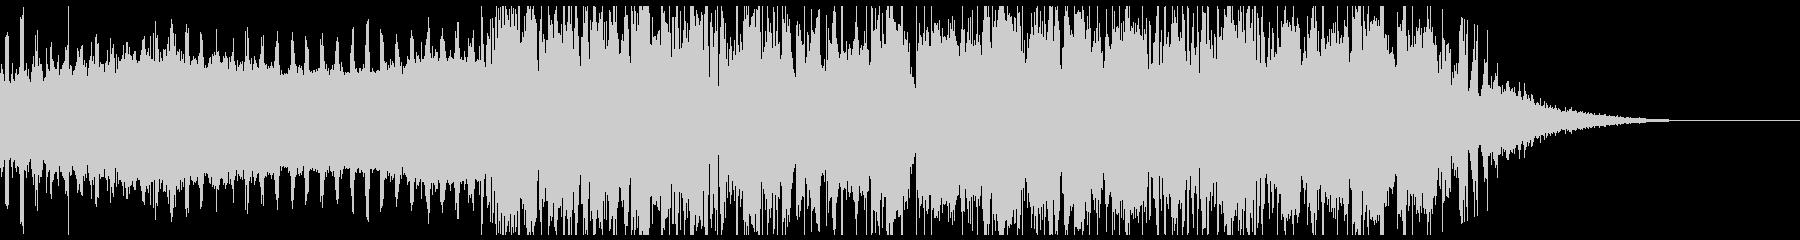 疾走感のあるエレクトロの未再生の波形